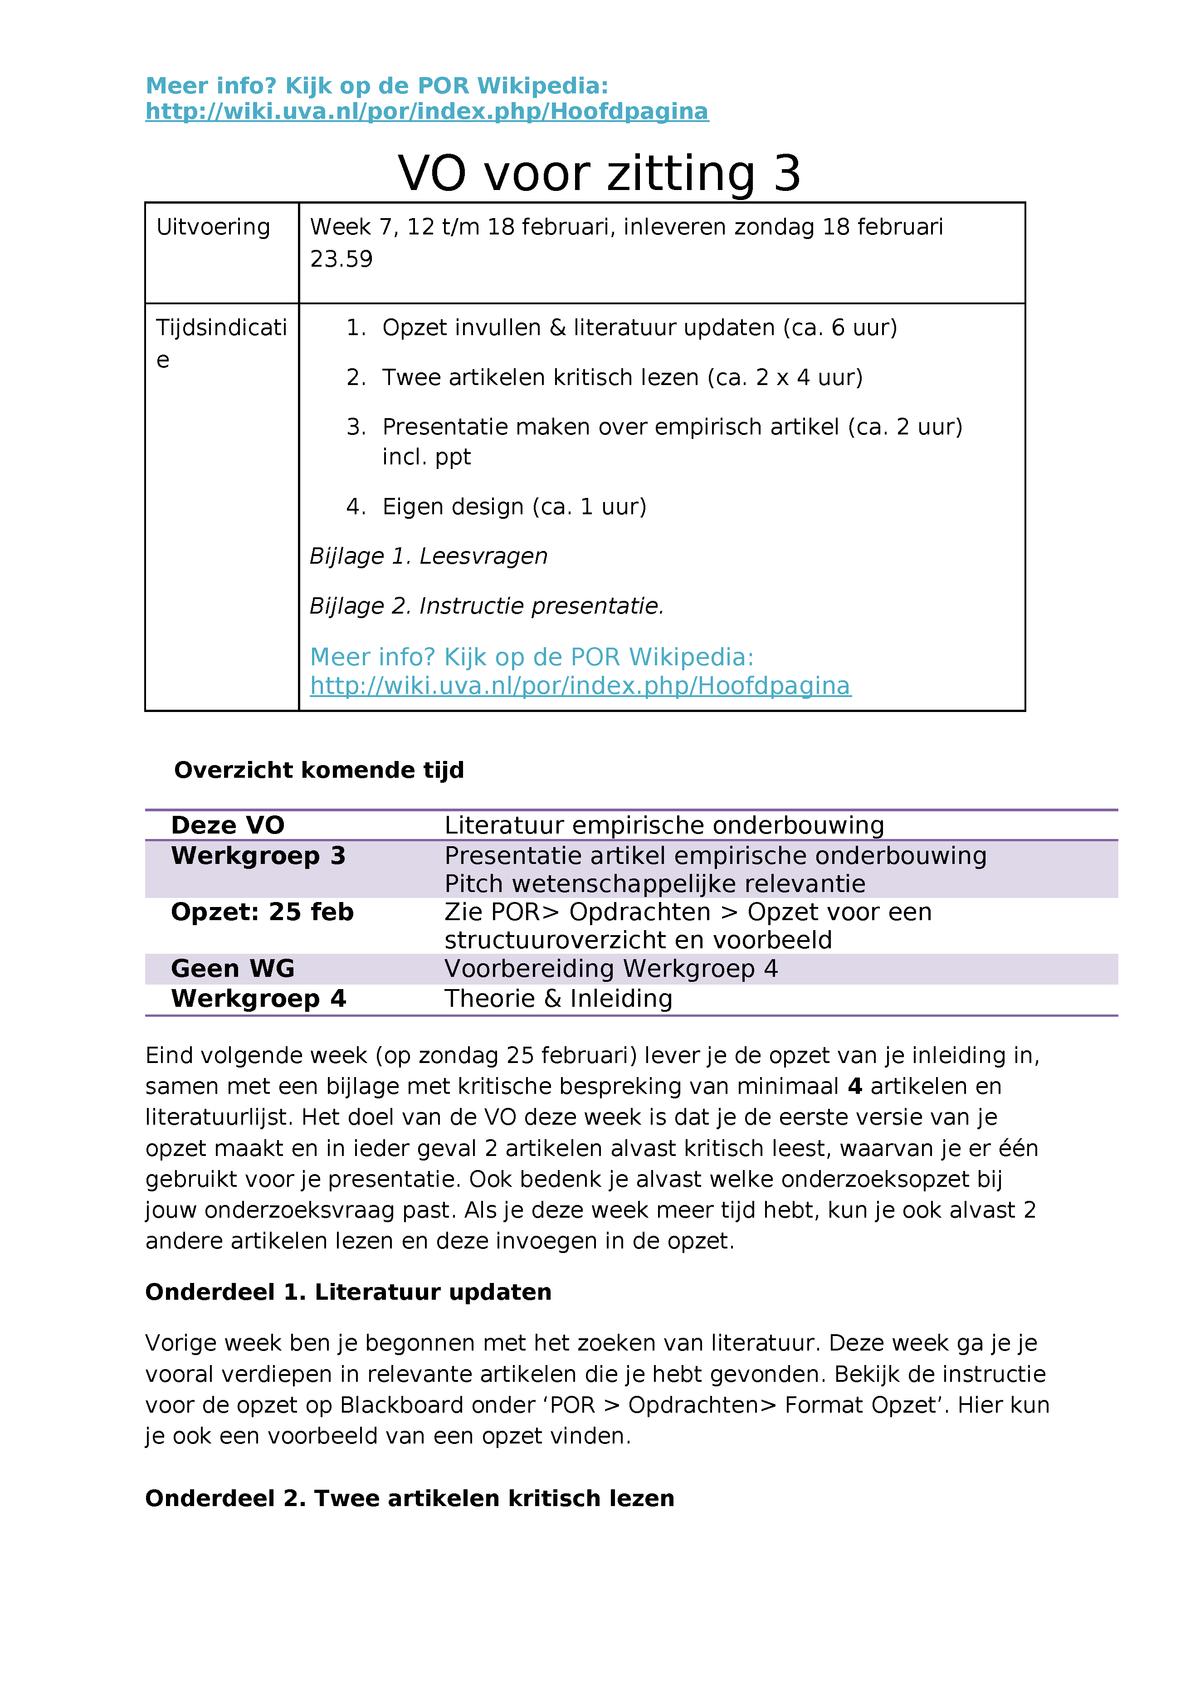 VO voor zitting 3 de opdracht - 7202A606XY: Practicum